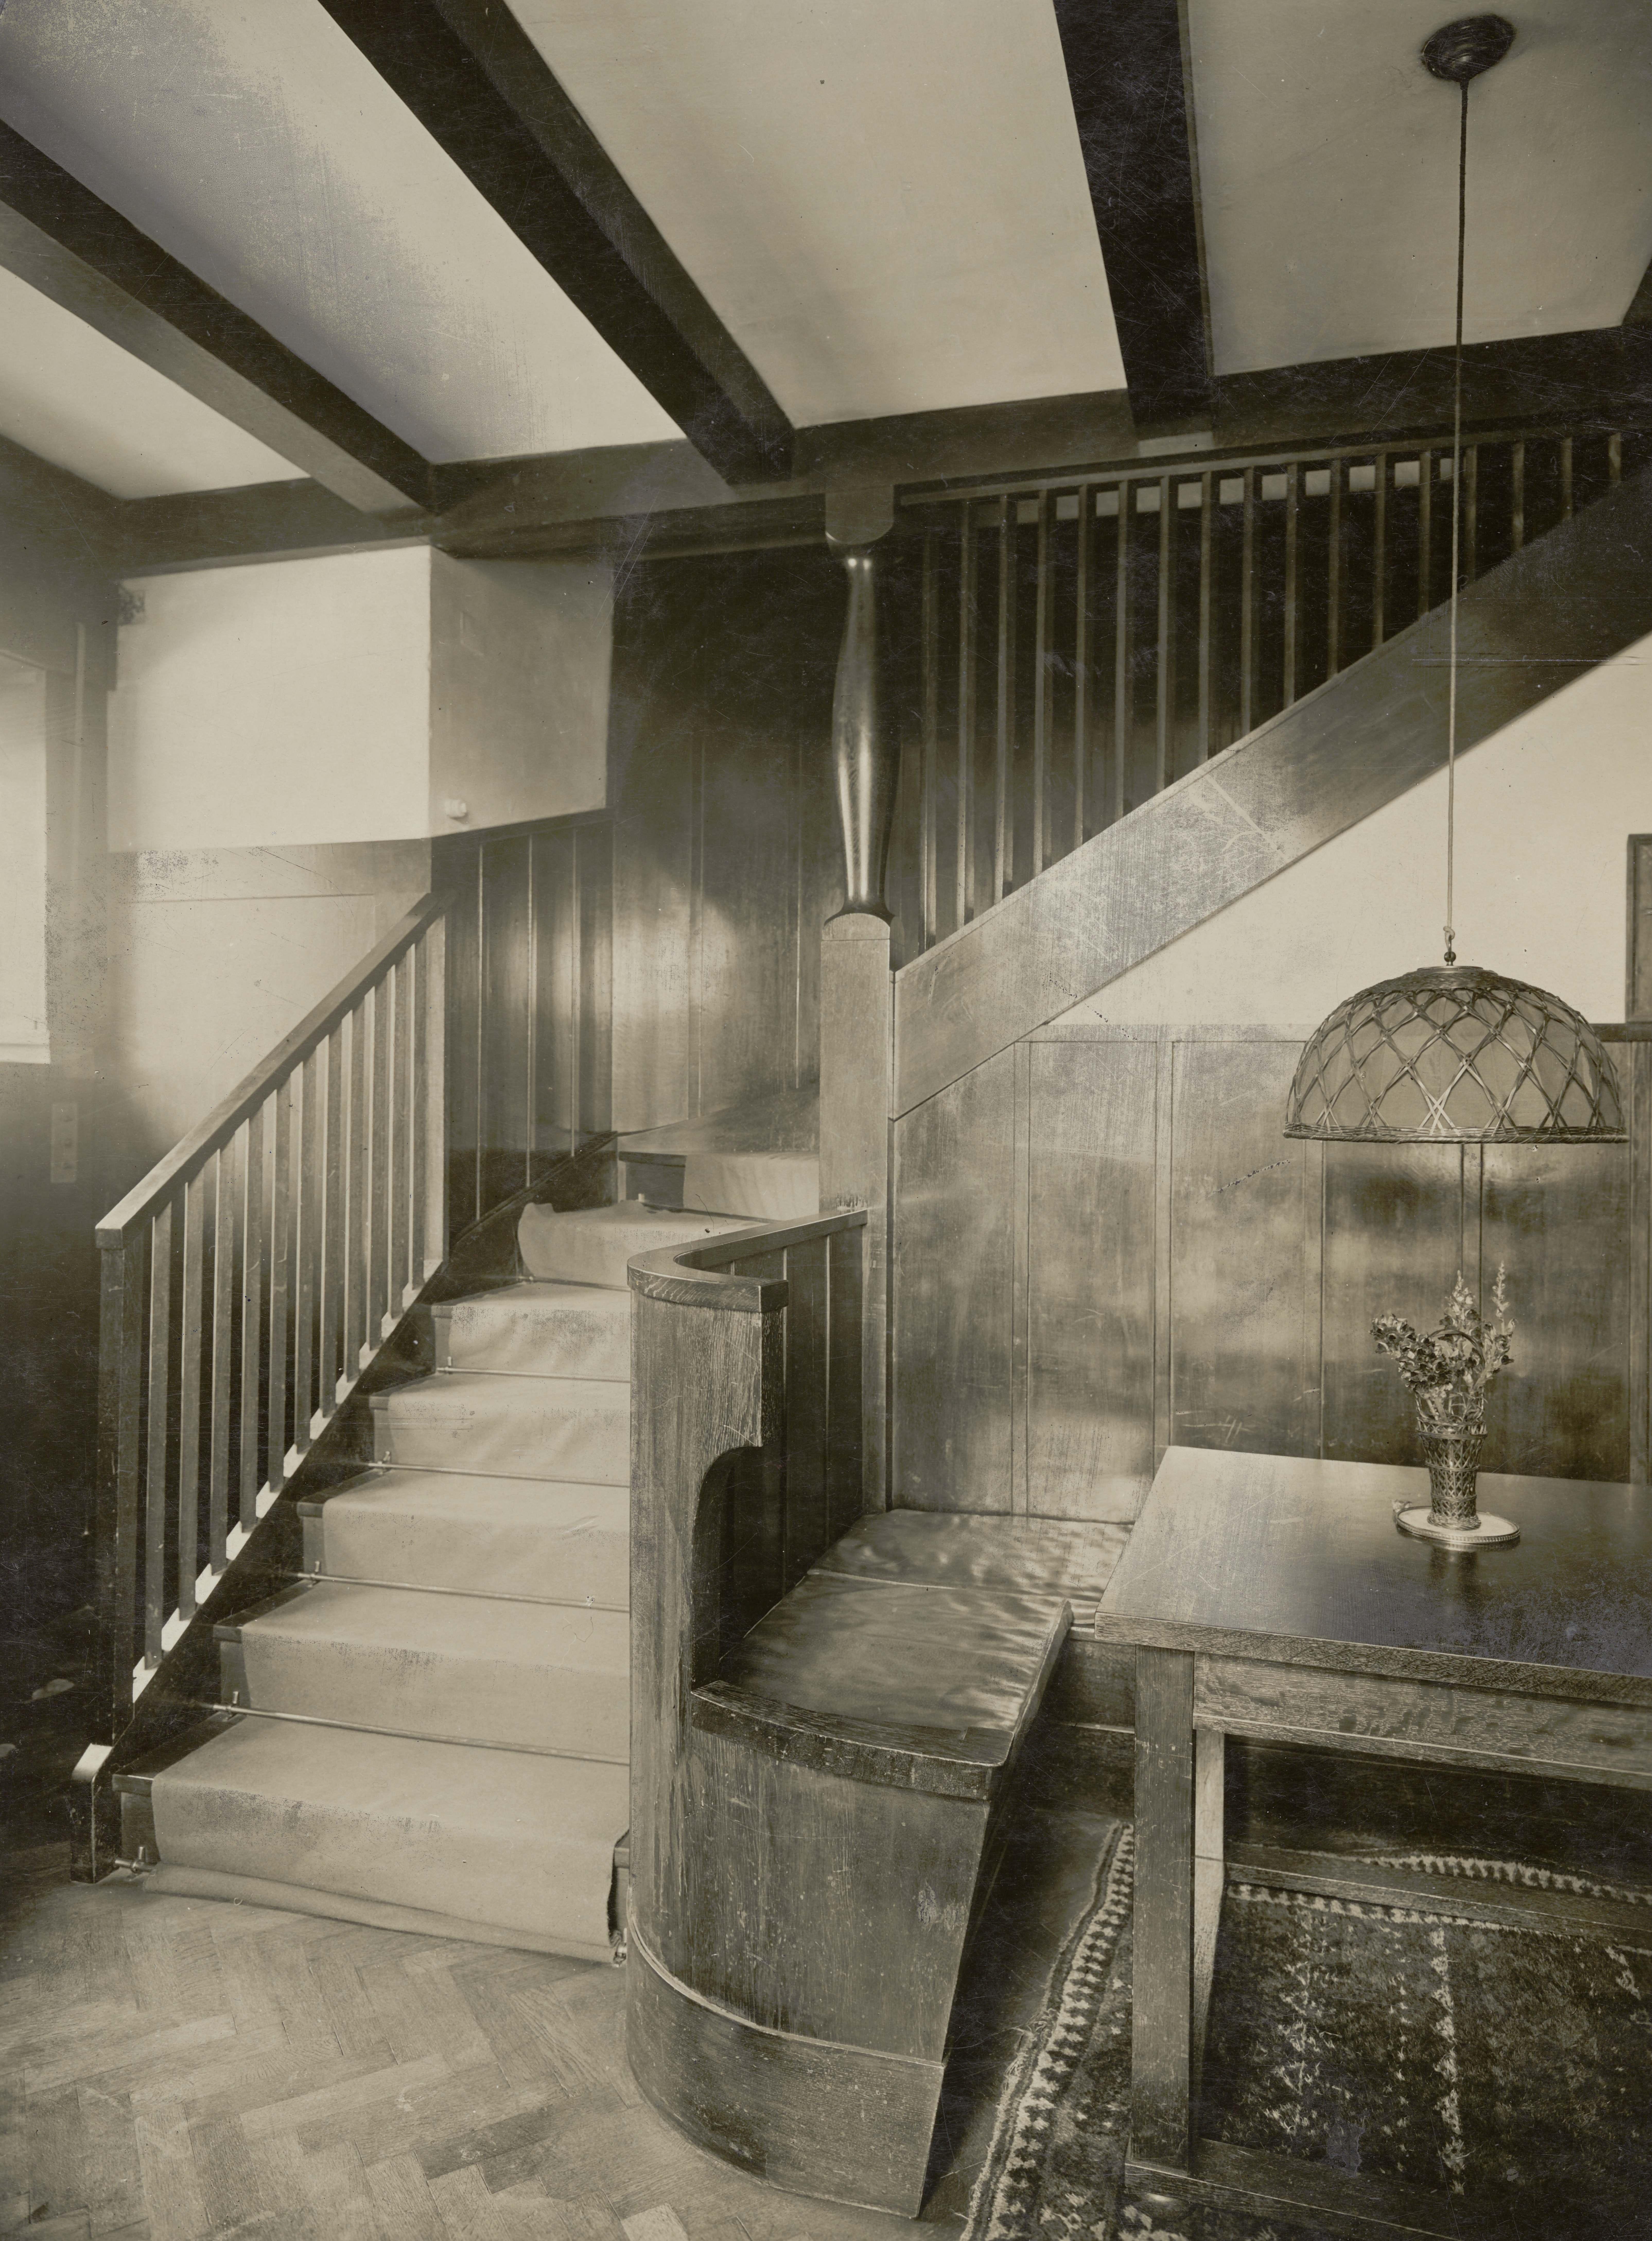 Adolf loos espacios privados arquine for Casa interni